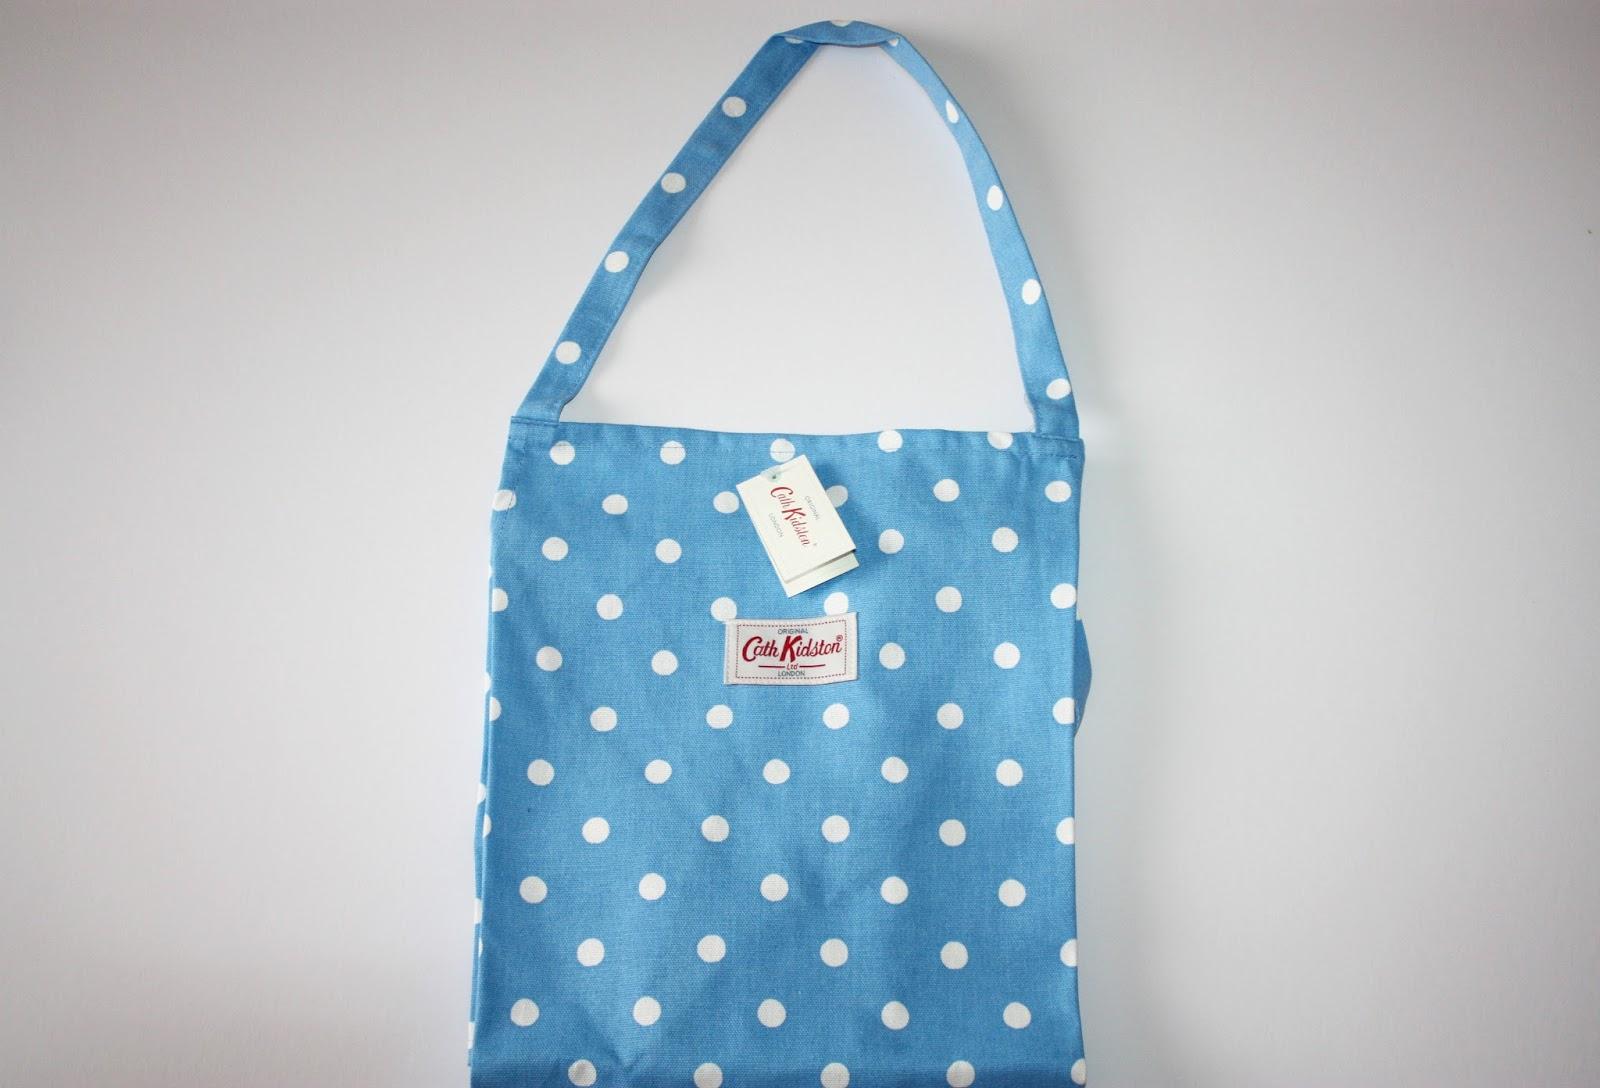 White apron poundland - Cath Kidston Apron Peg Bag